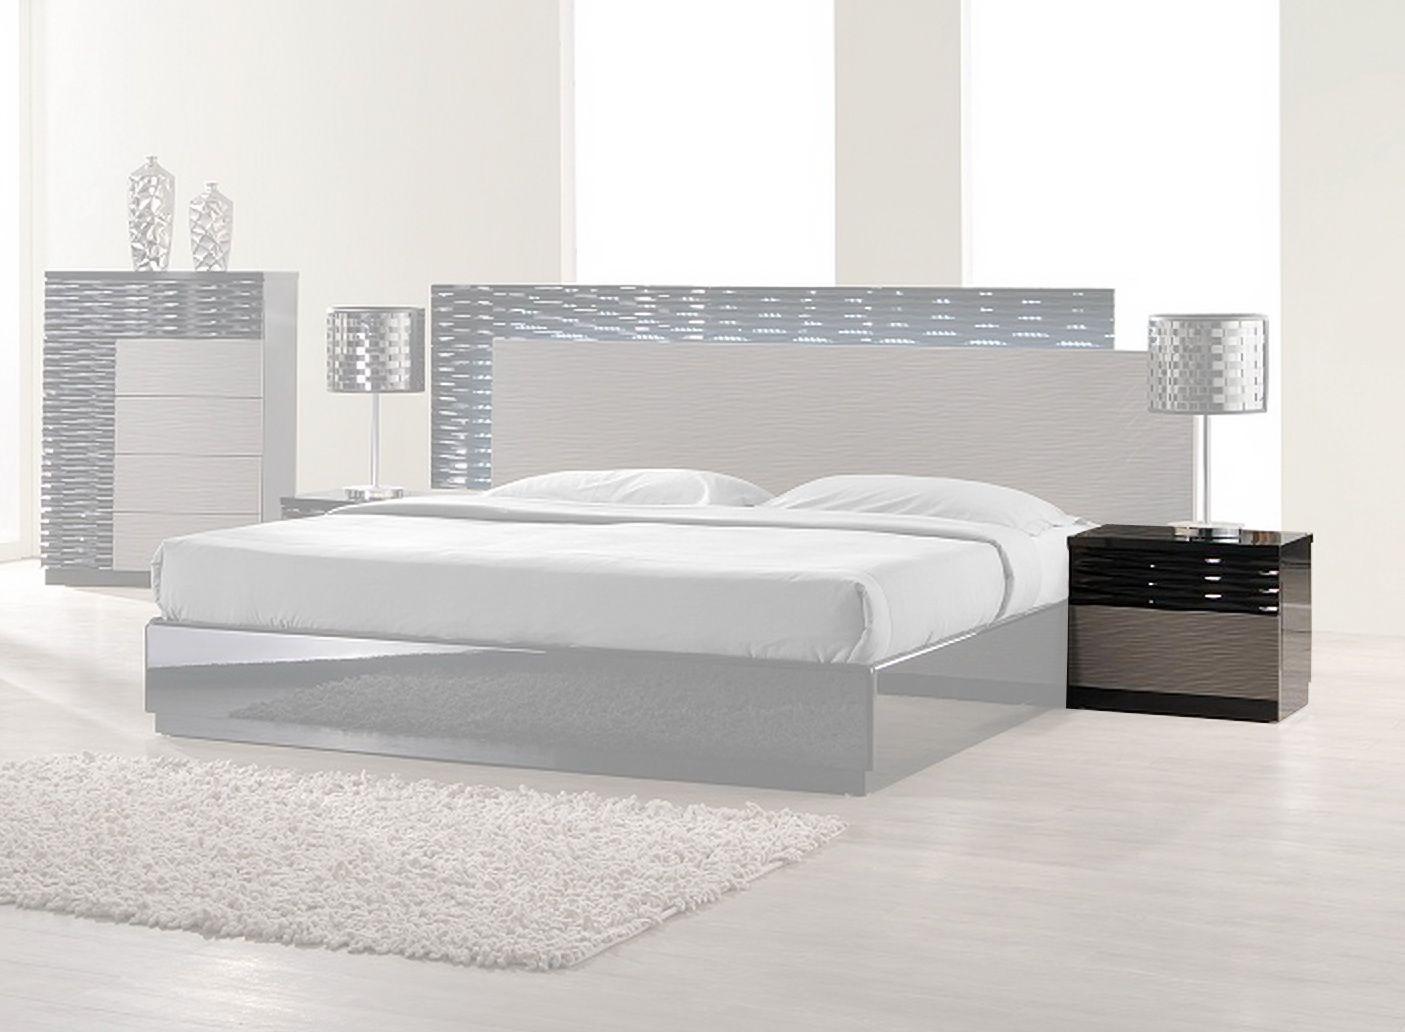 Schlafzimmer Sets Mit Matratze Kommode weiss, Bett möbel